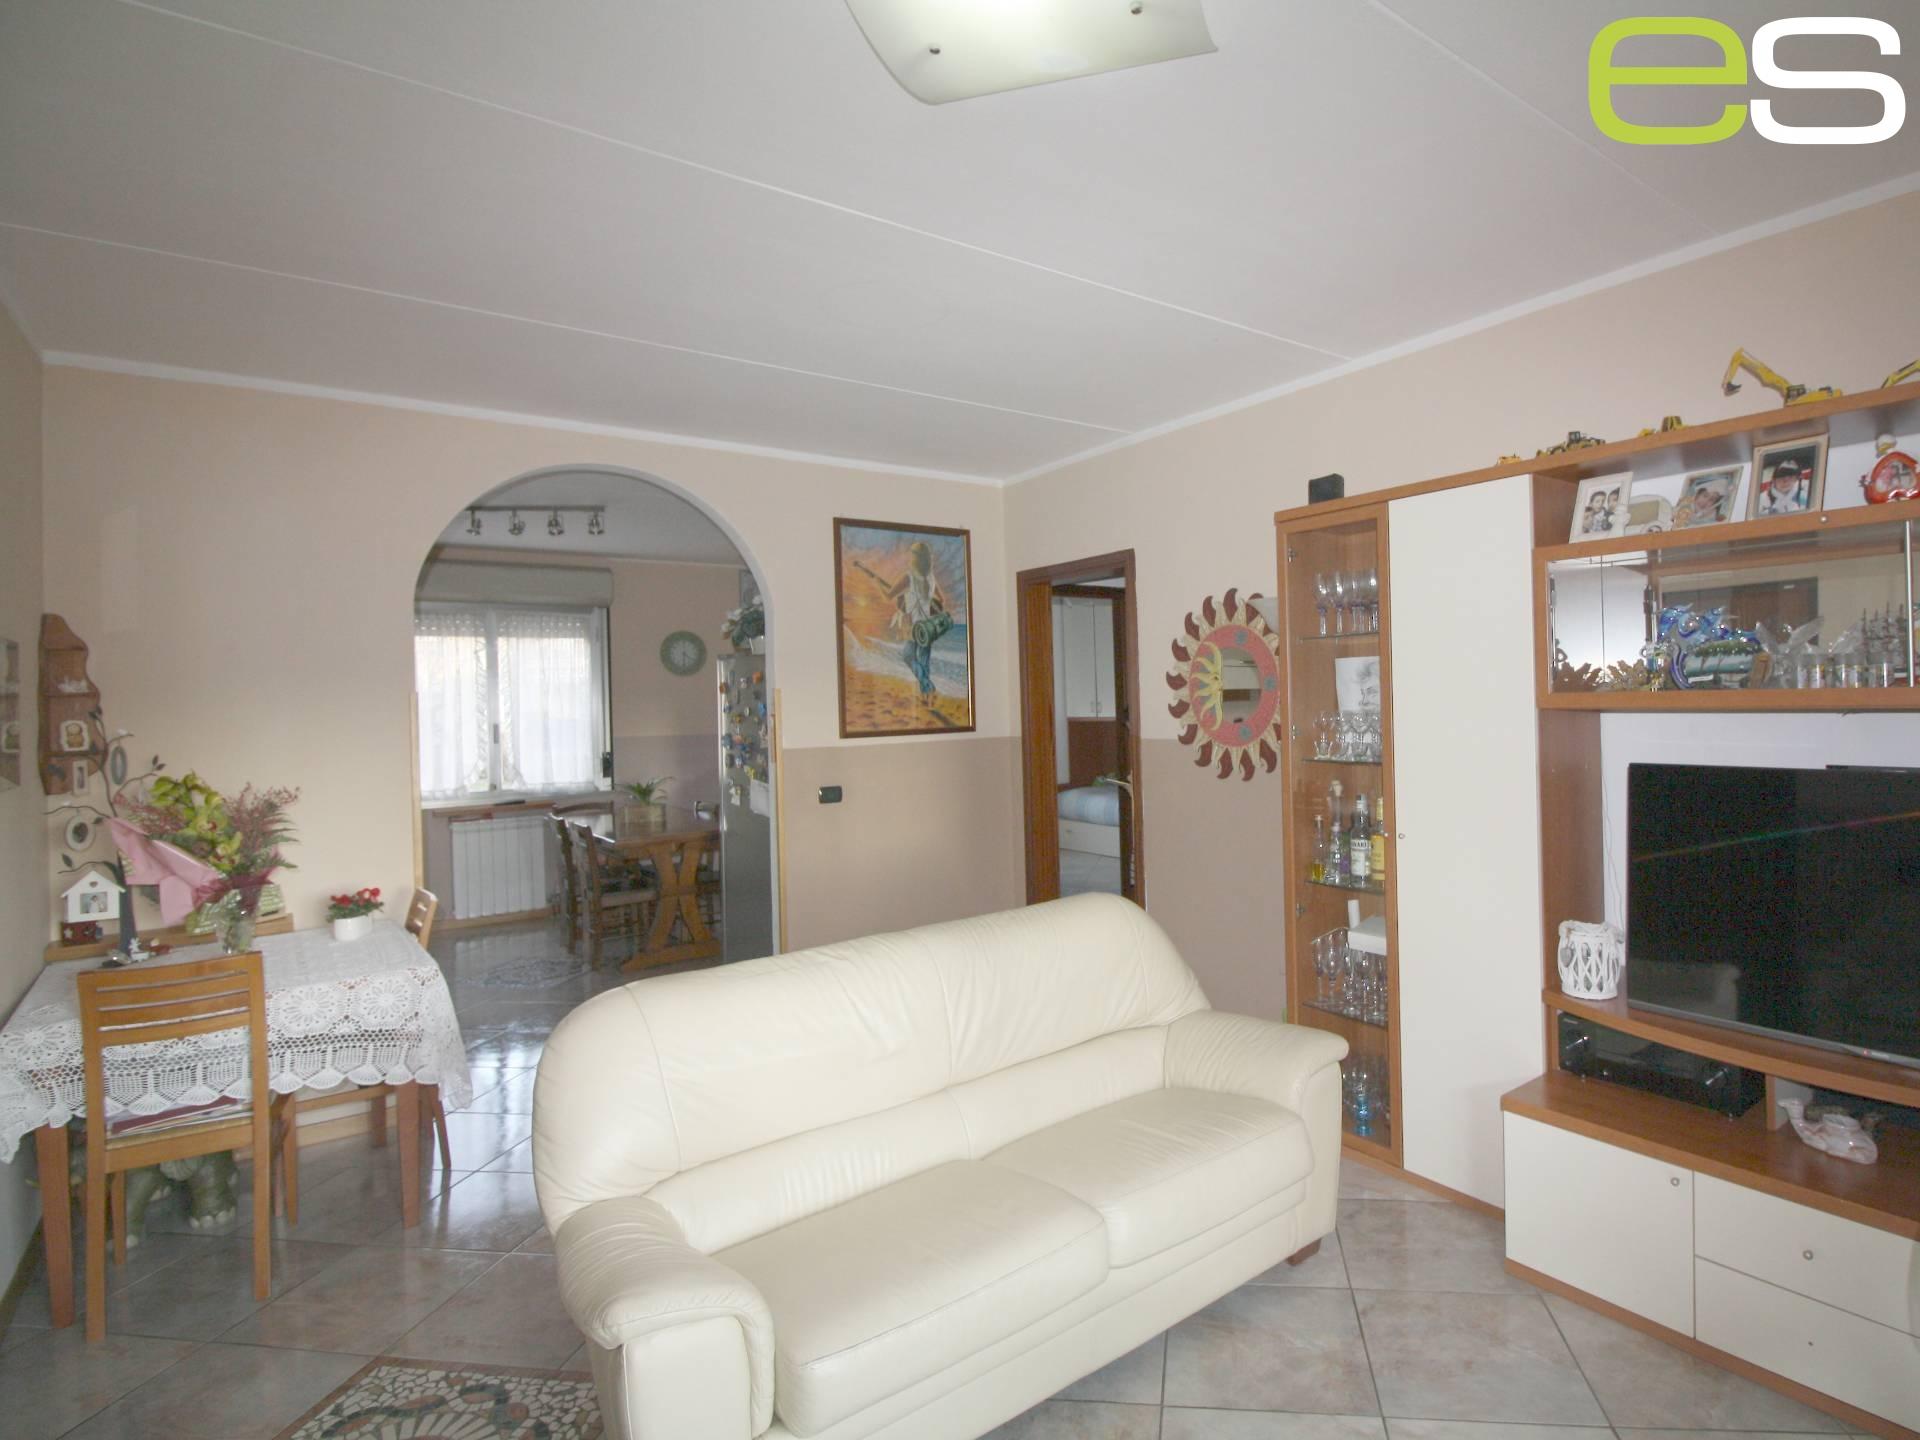 Appartamento in vendita a Barzago, 1 locali, prezzo € 129.000 | CambioCasa.it